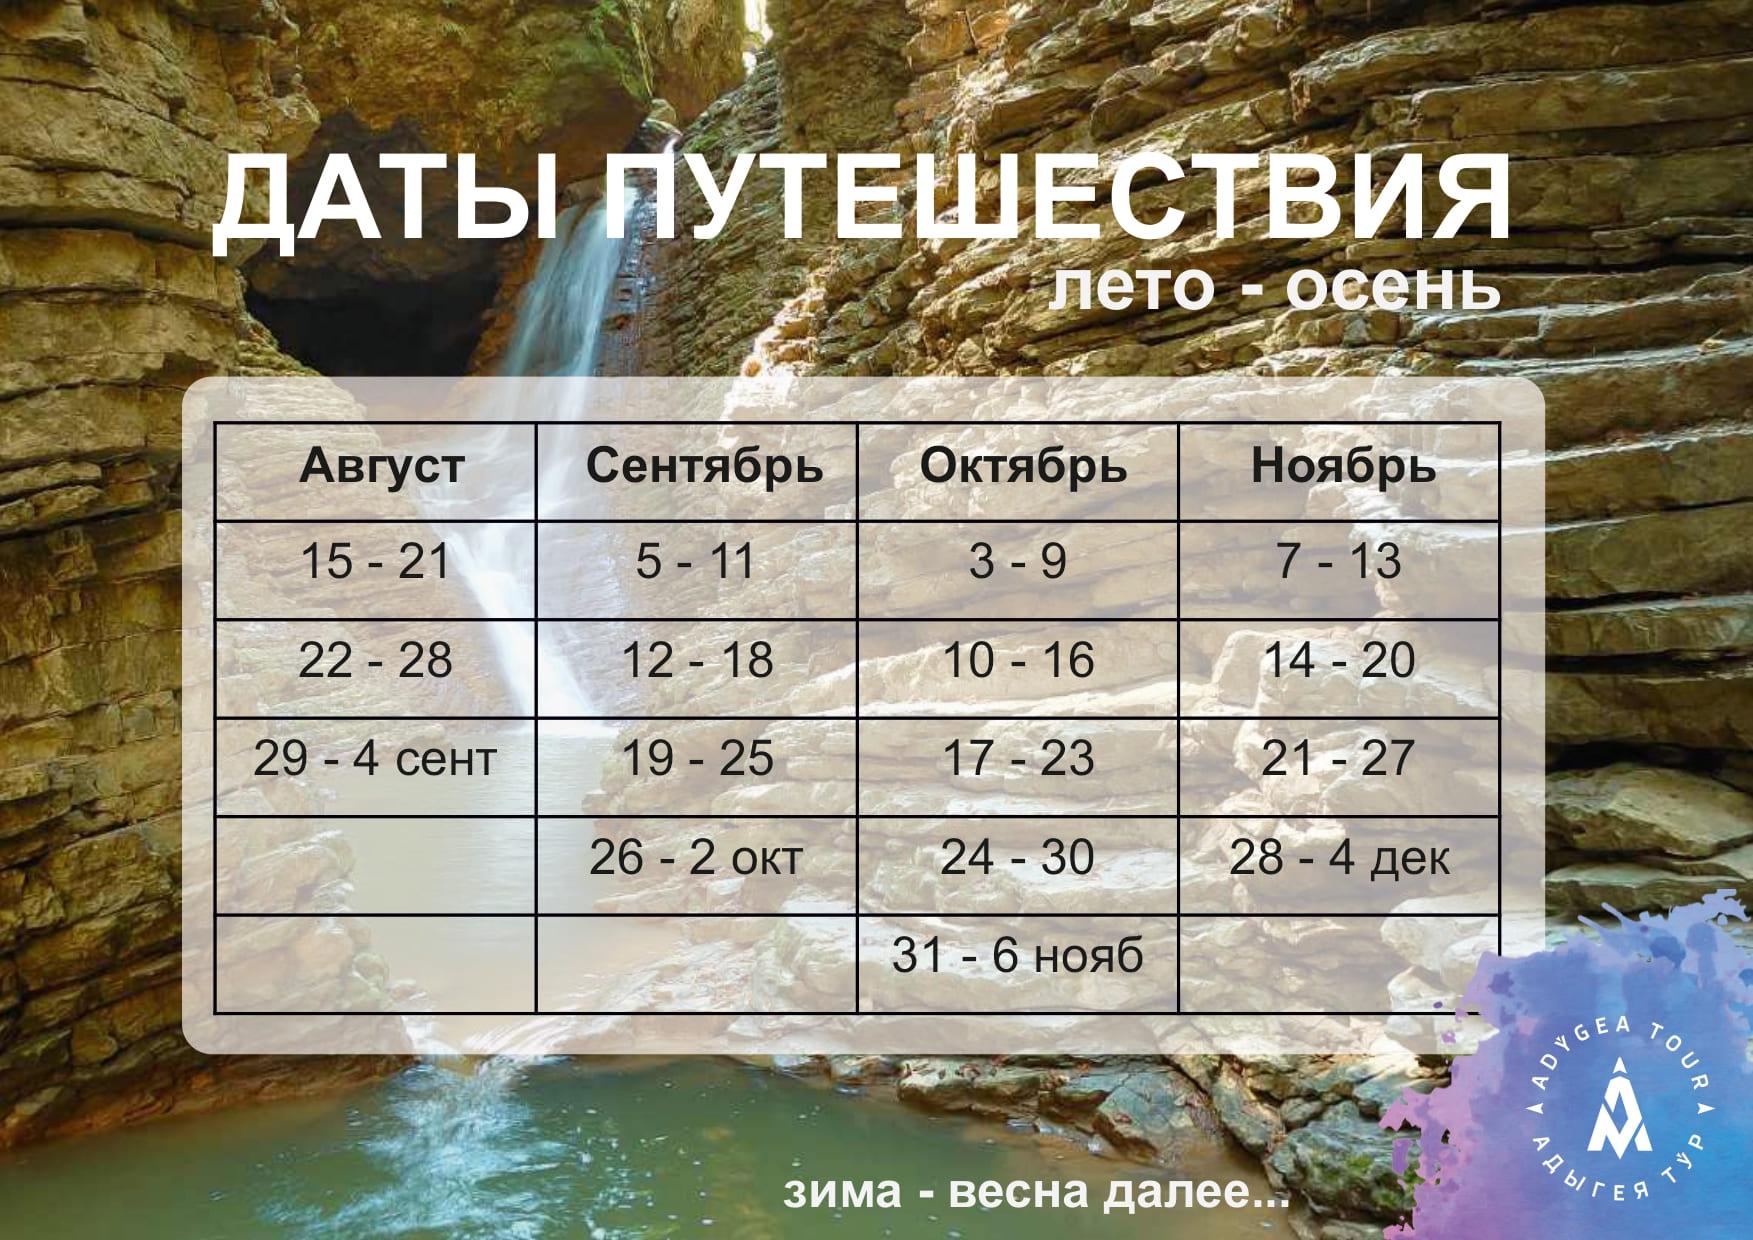 Адыгея комбинированные туры_compressed (1)_page-0003